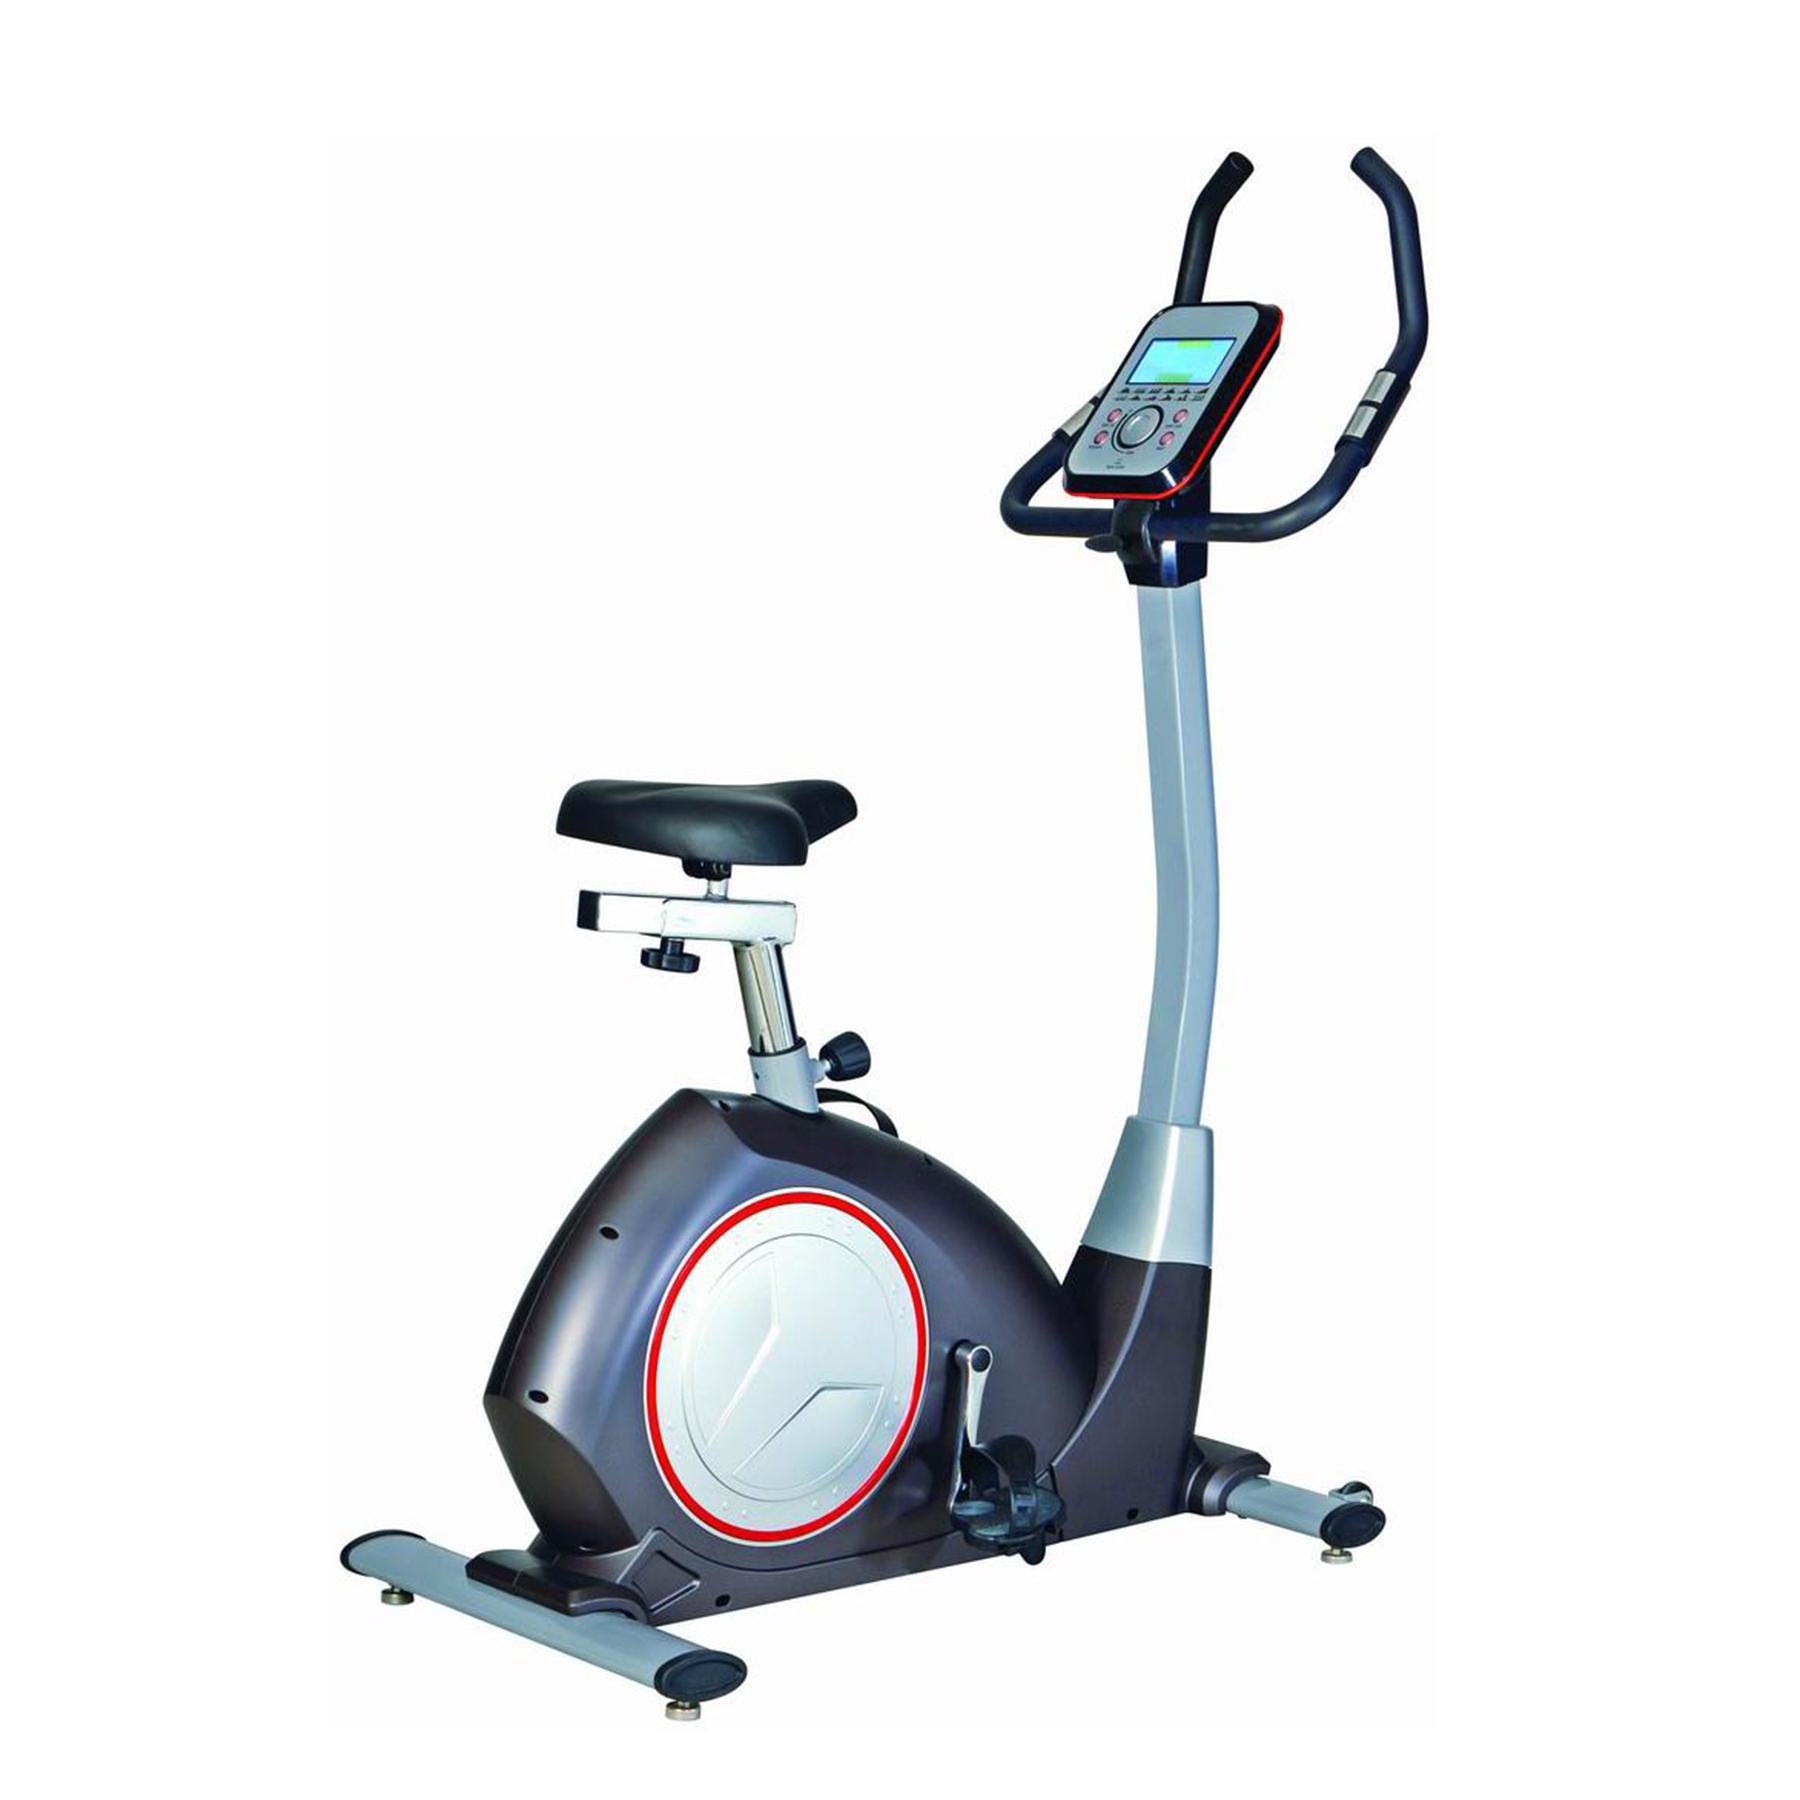 Велоэргометр магнитный программир. ВМ-950 (маховик 10 кг,вес польз. 140кг) /К8718Р УЦЕНКА!